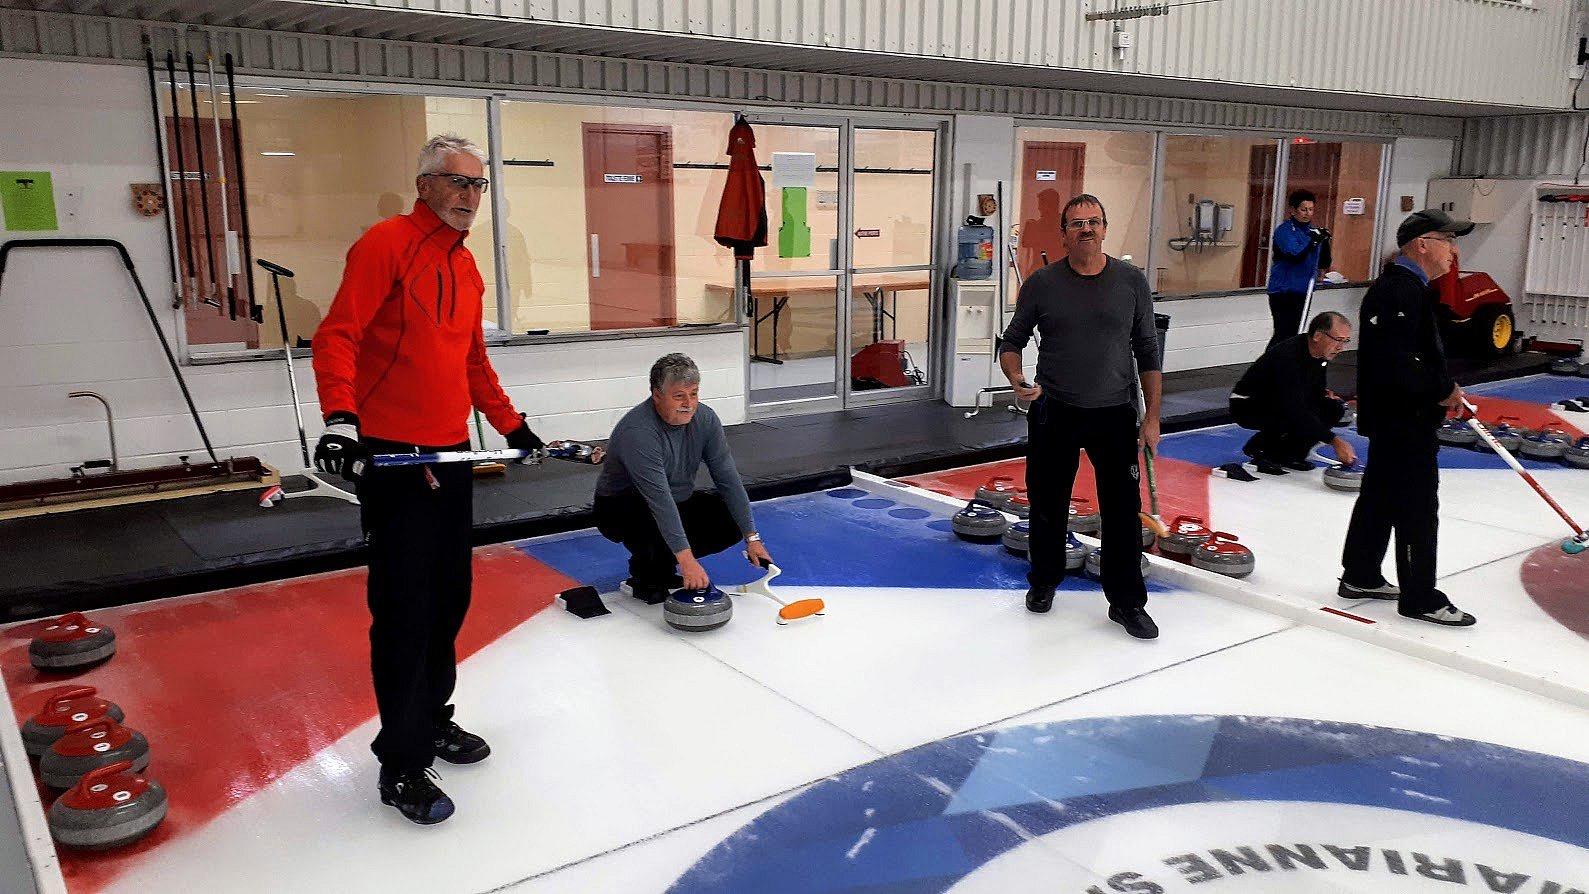 La pandémie balaie le début de la saison de curling